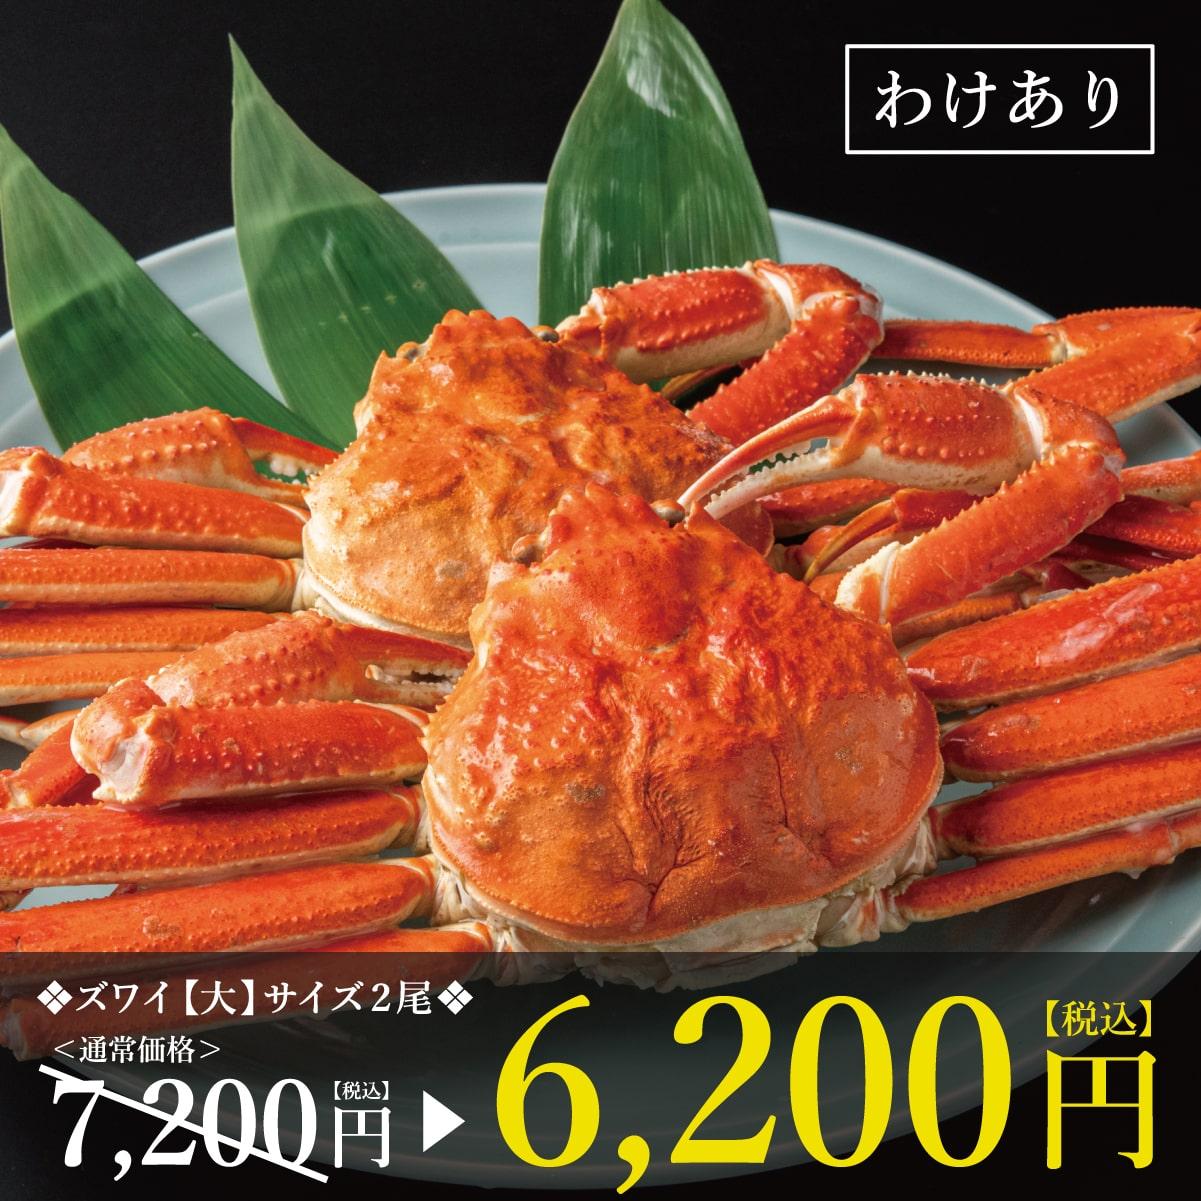 【訳アリ】MOTTAINAI」ボイル済ズワイ蟹 大サイズ姿2尾